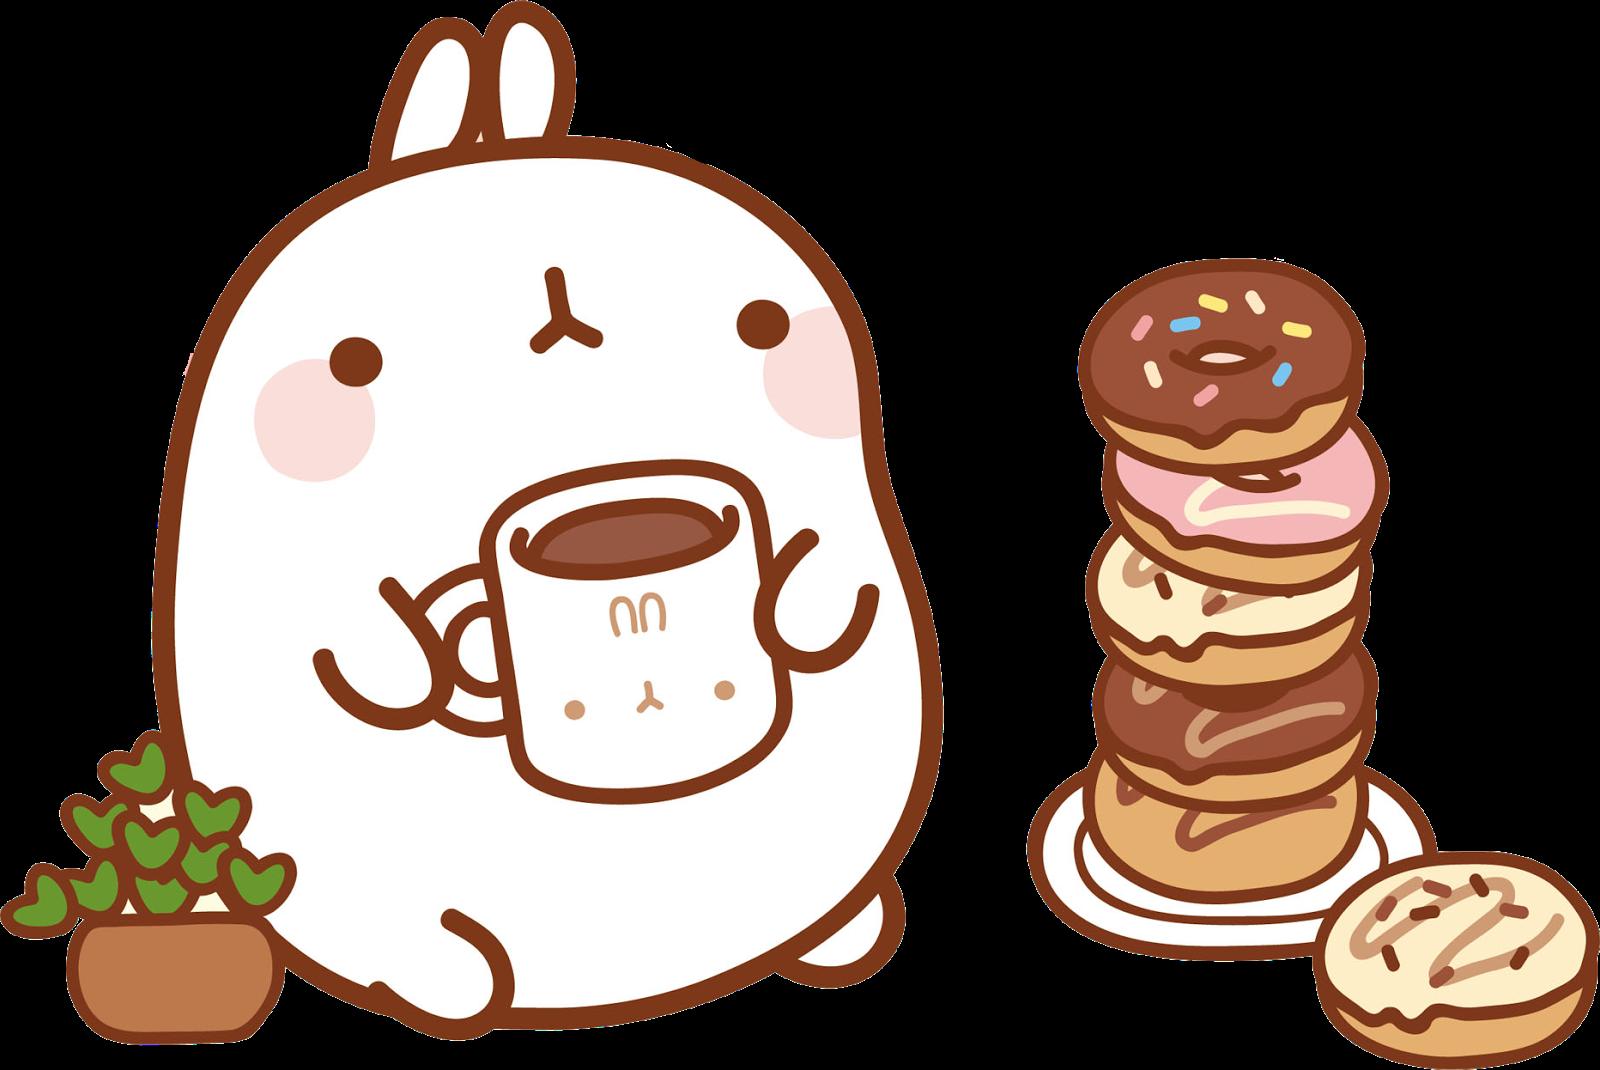 [Image: 902-9024957_1600-x-1070-3-molang-donuts.png]